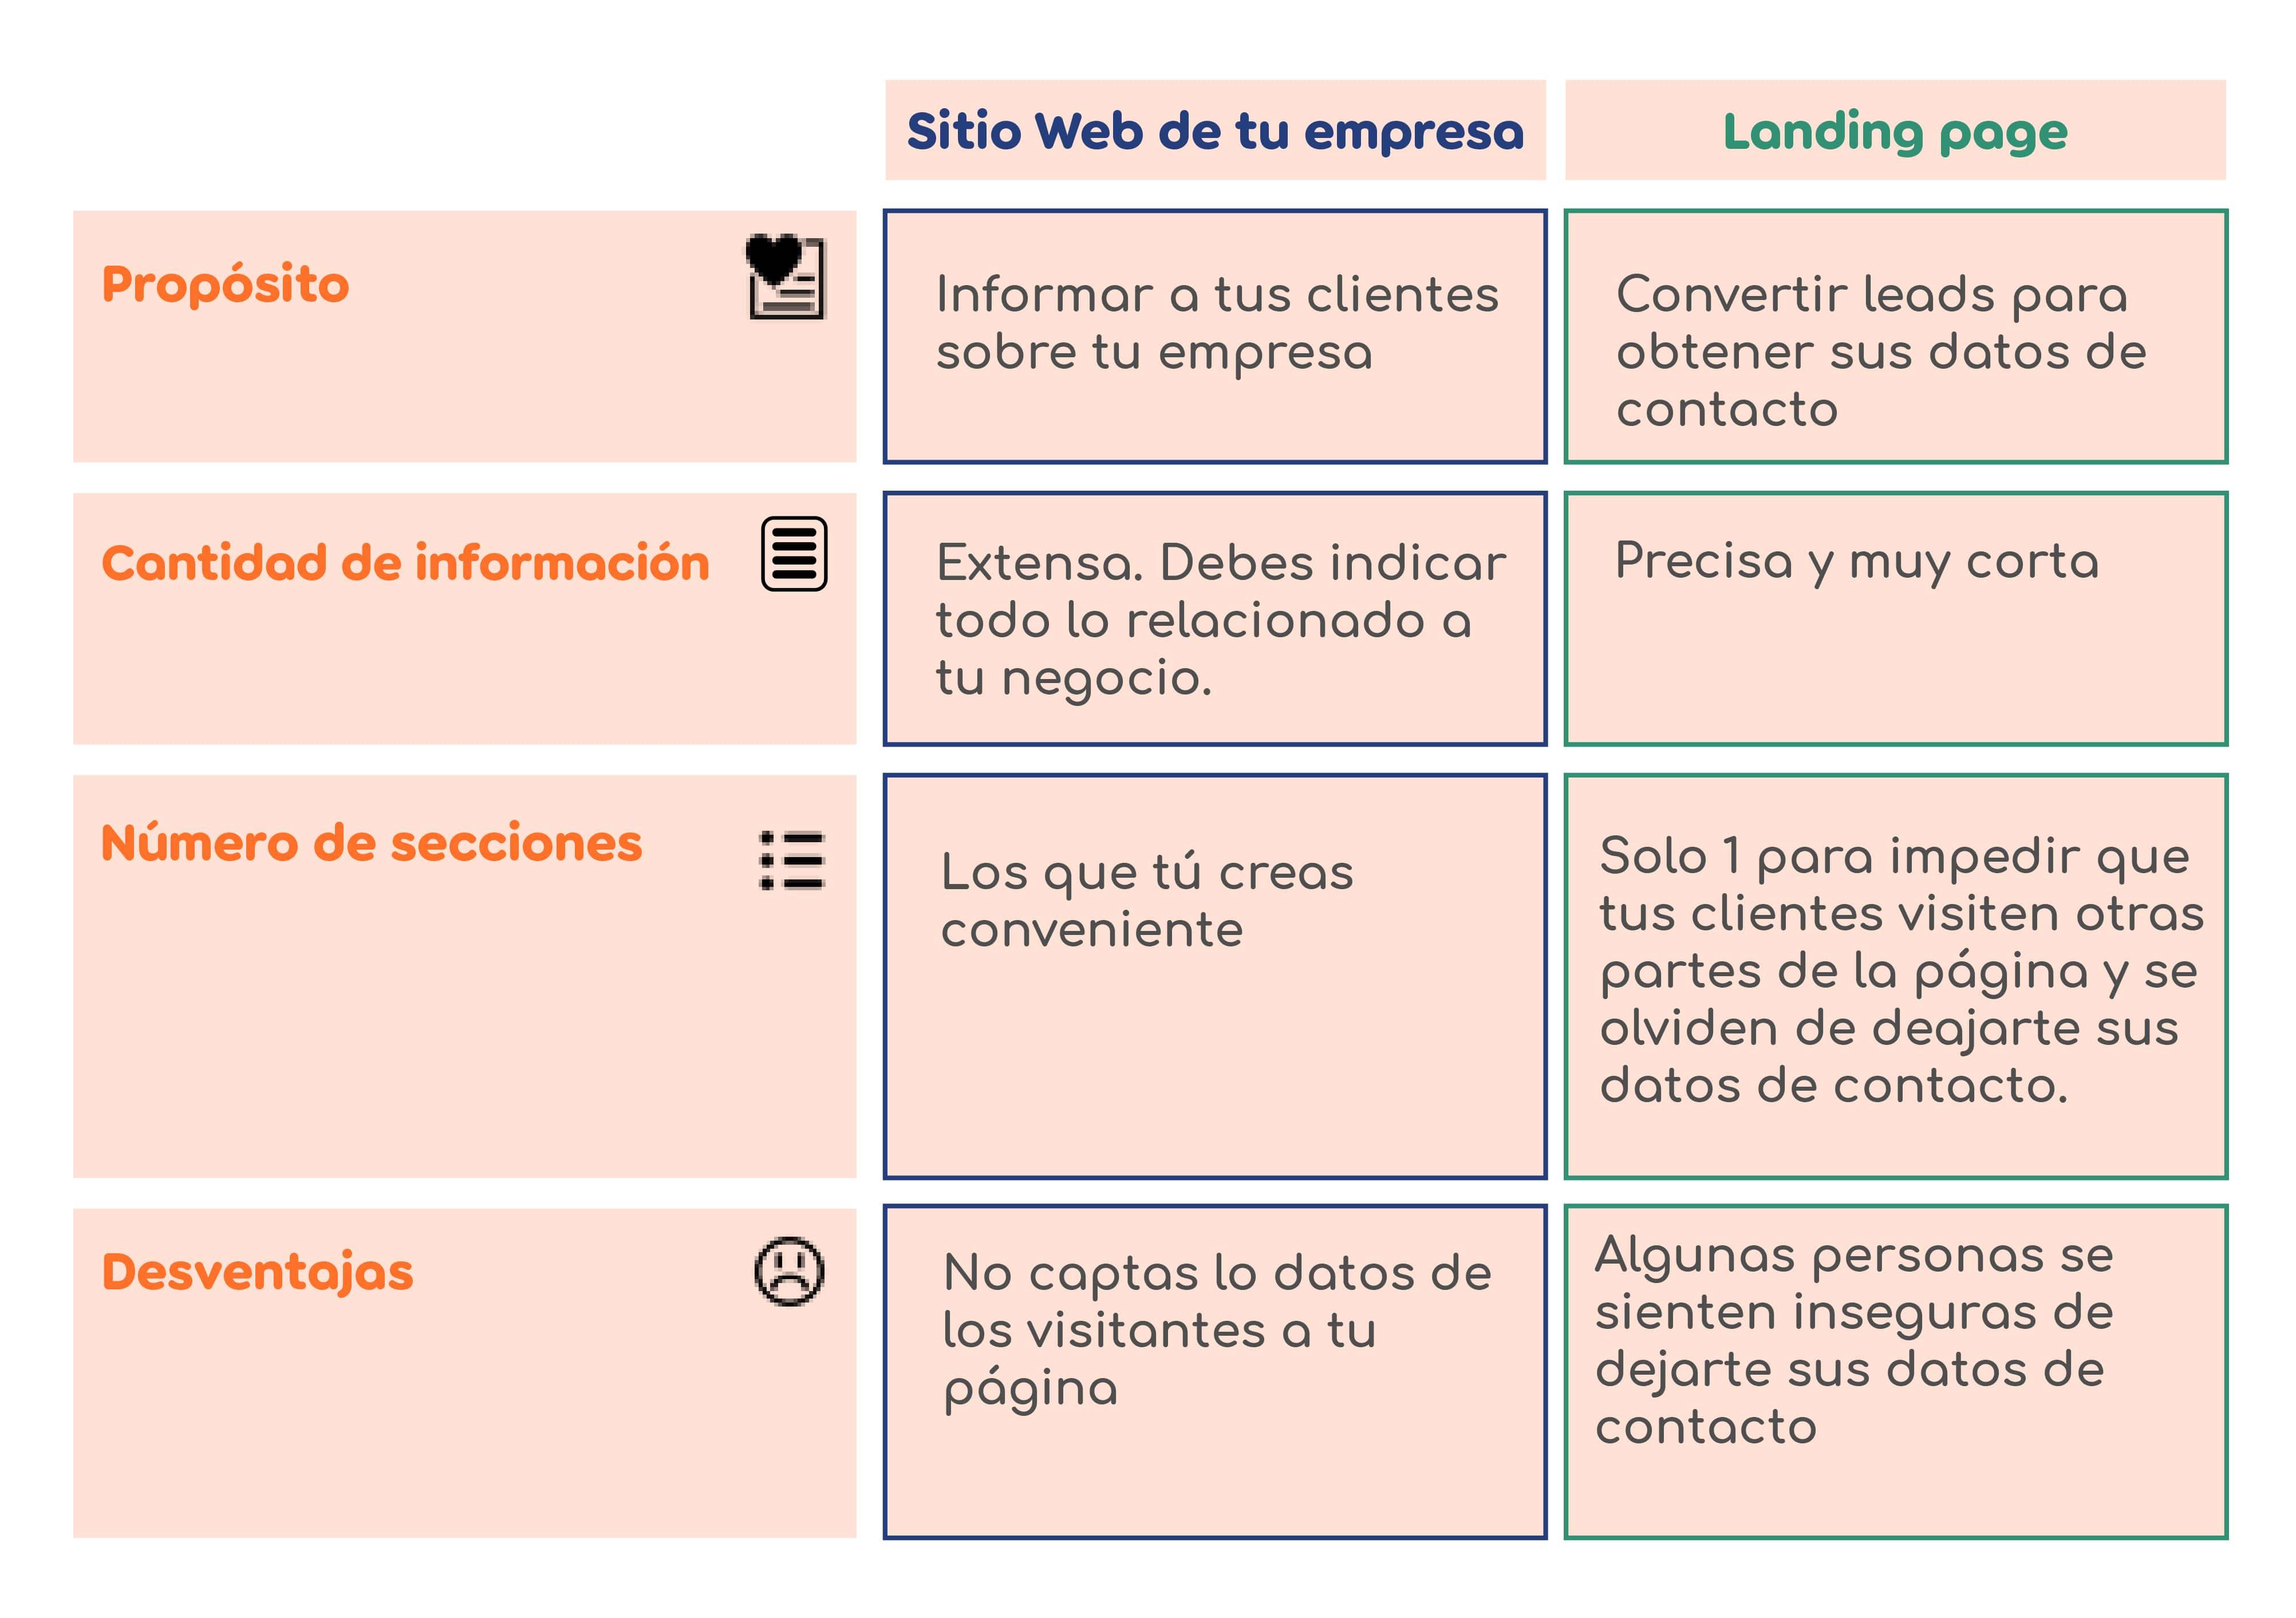 diferencias entre un sitio web y una landing page cuadro comparativo de sitio web y landing page landing page marki que es una landing page y para que sirve landing page para que sirve diferencias entre landing page y sitio web que es una landing page diseño marki